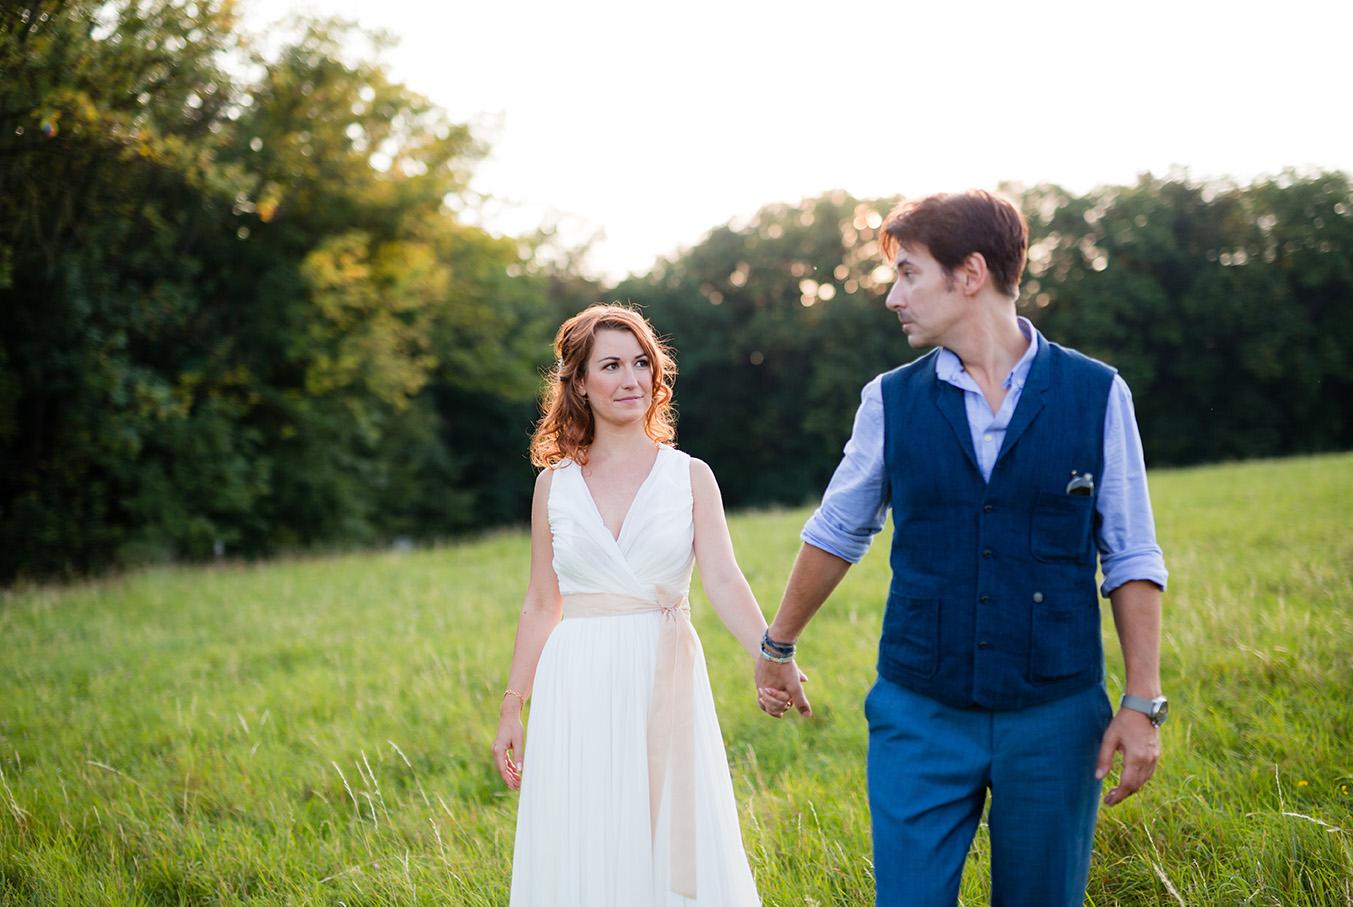 Vienna_Wien_Afterwedding_Hochzeit_Paar_Couple_14